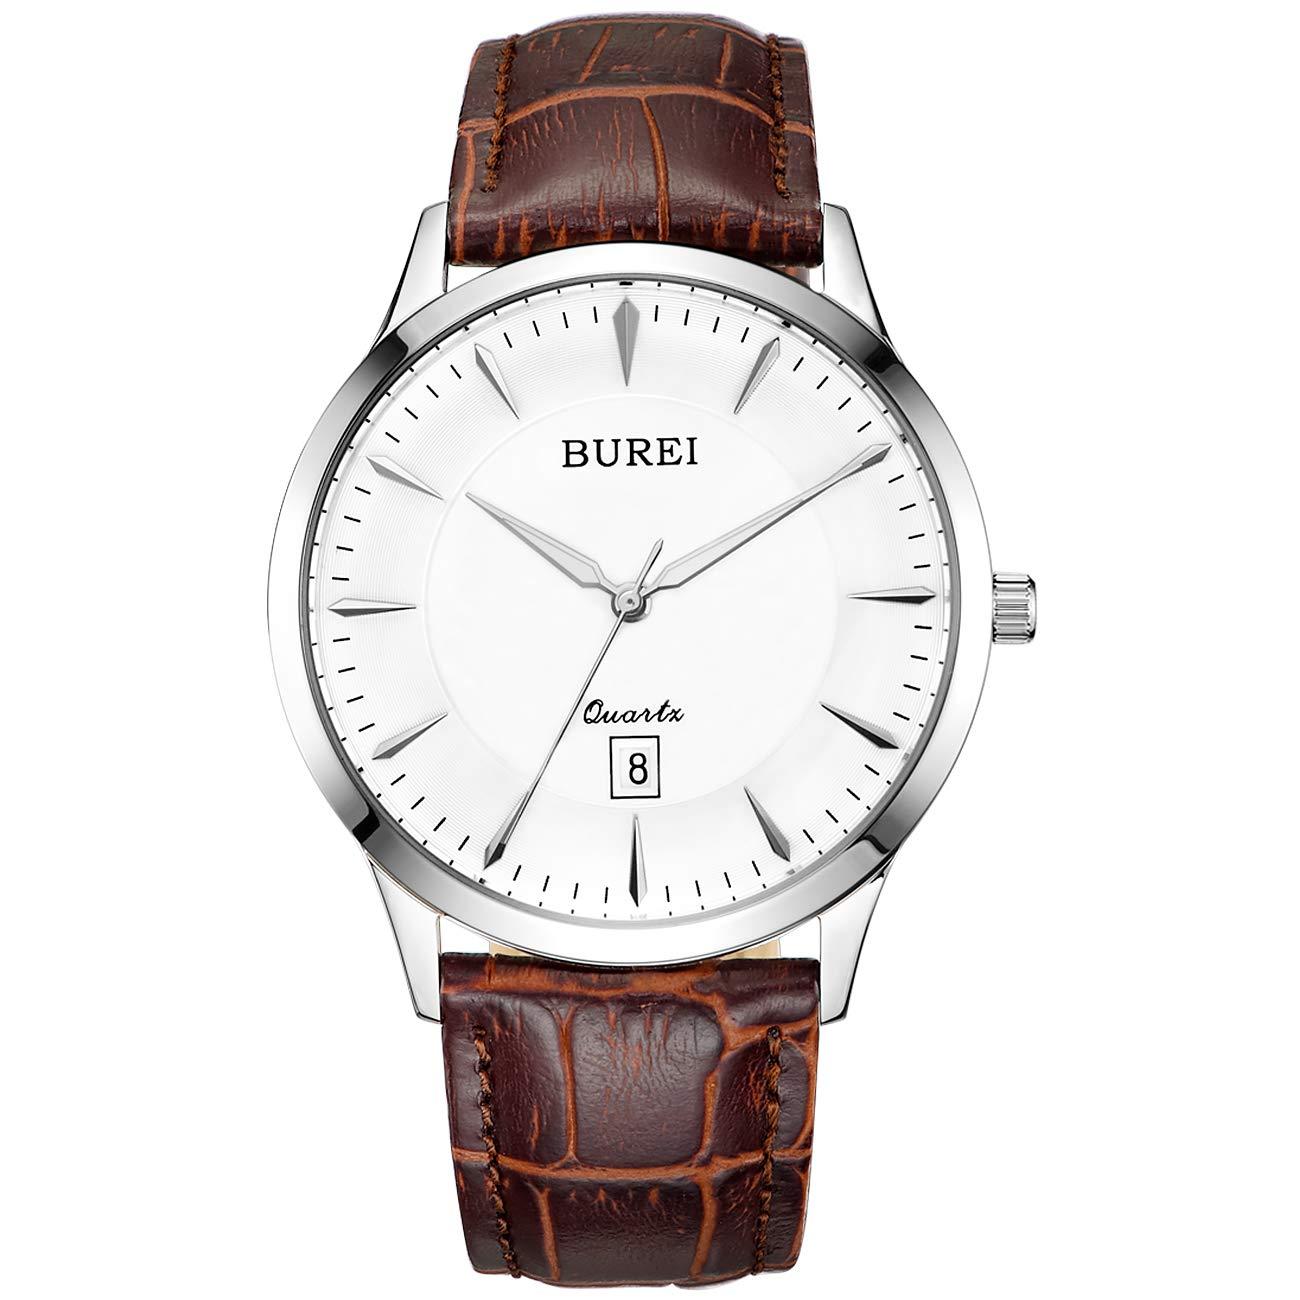 Amazon.com: Burei - Reloj de pulsera para hombre y mujer ...